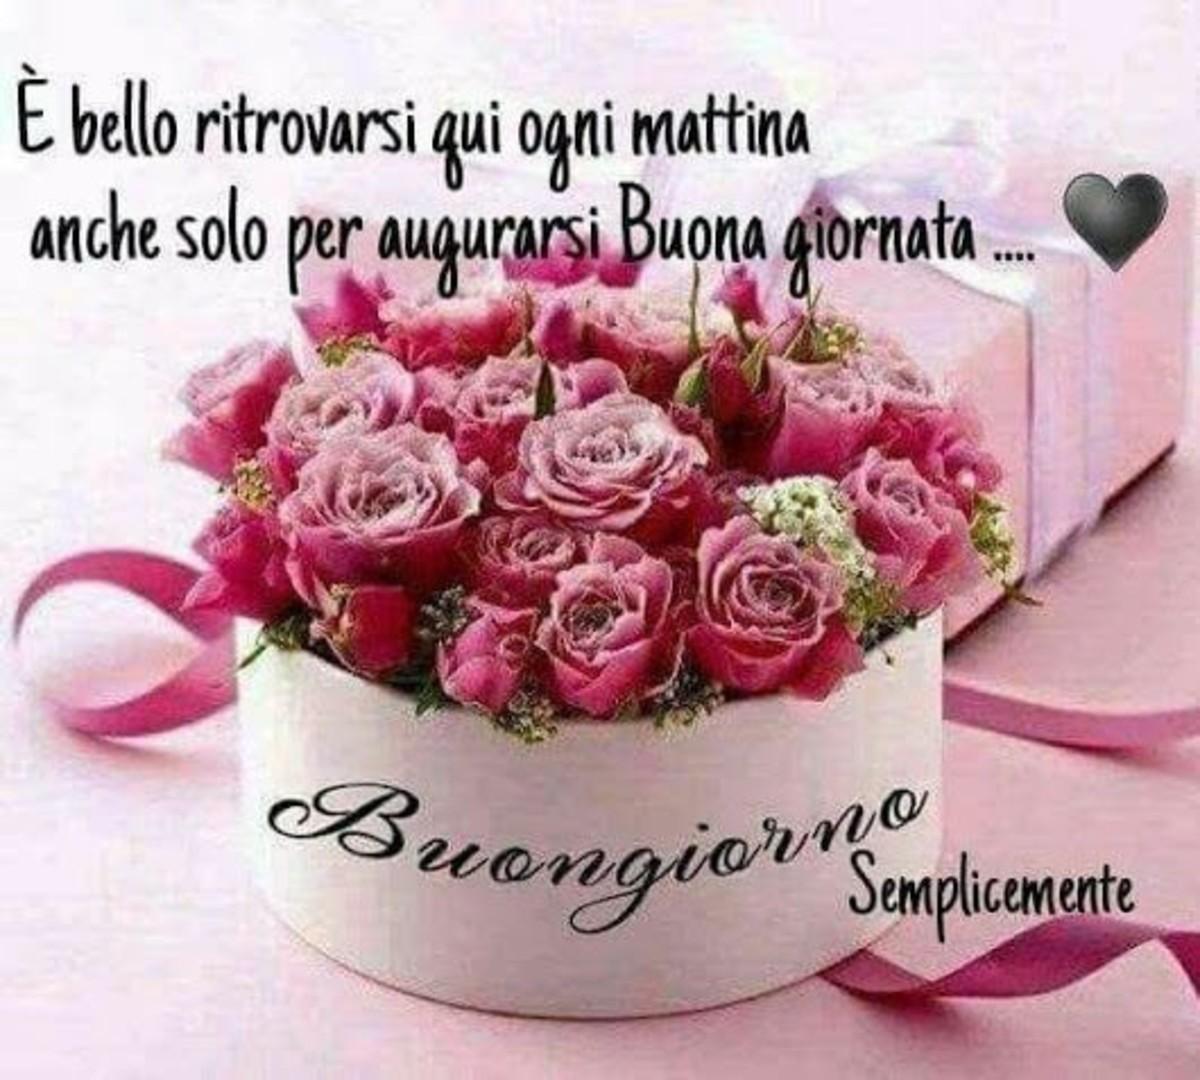 Buongiorno Floreale Immagini Nuove 3 Buongiornoate It